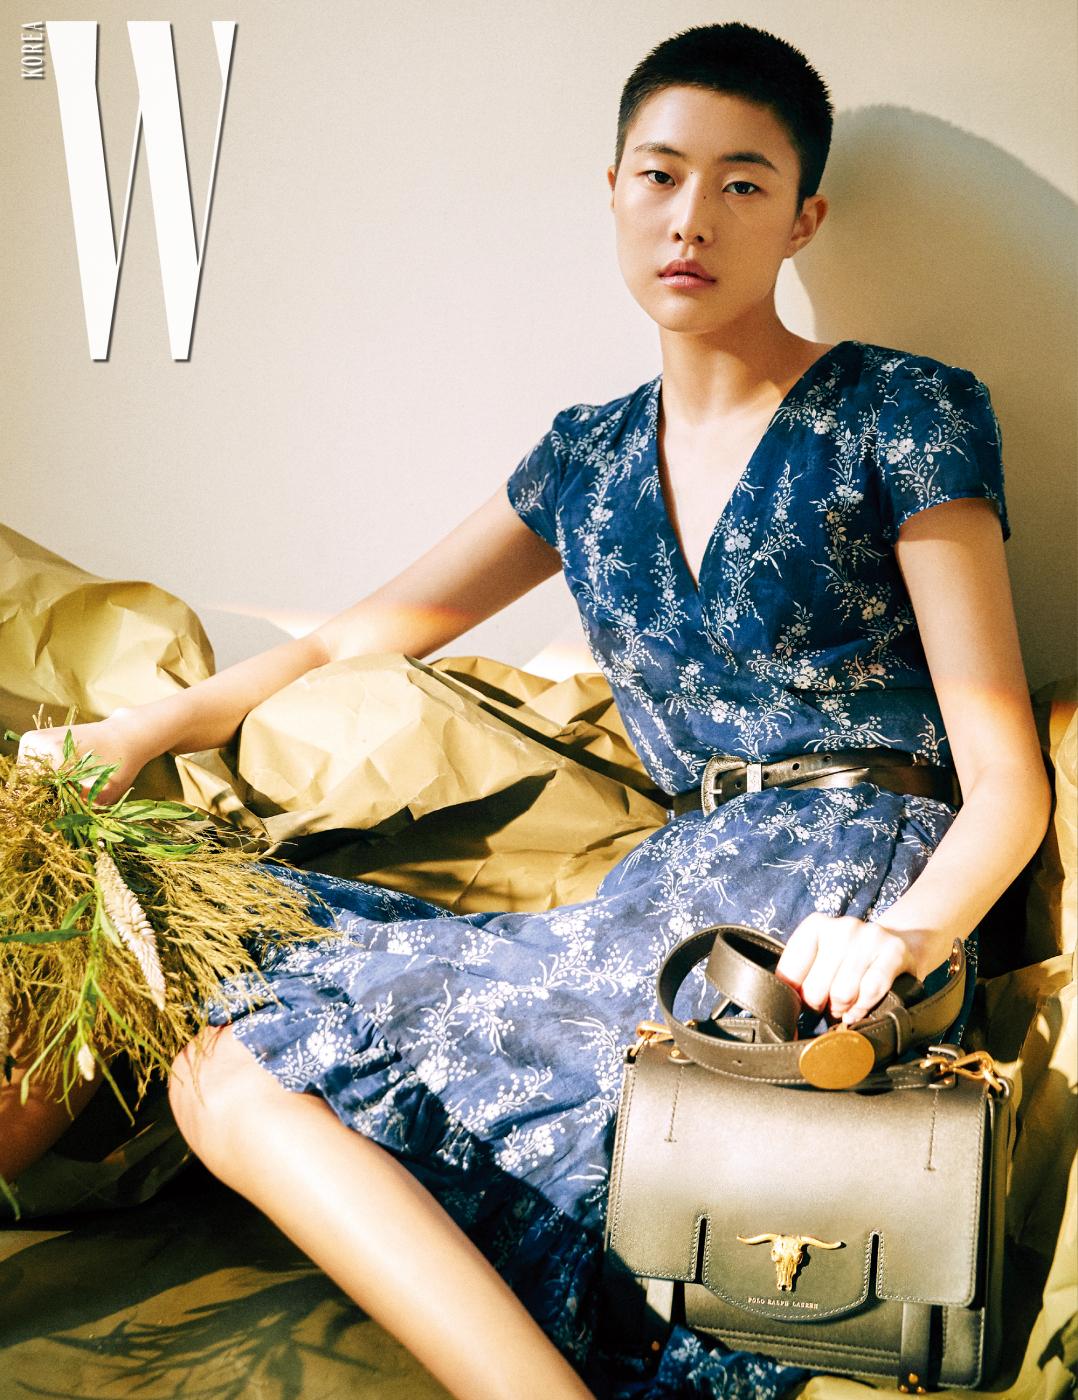 꽃무늬 랩 드레스, 벨트, 클래식한 가방은 모두 PoloRalph Lauren 제품.